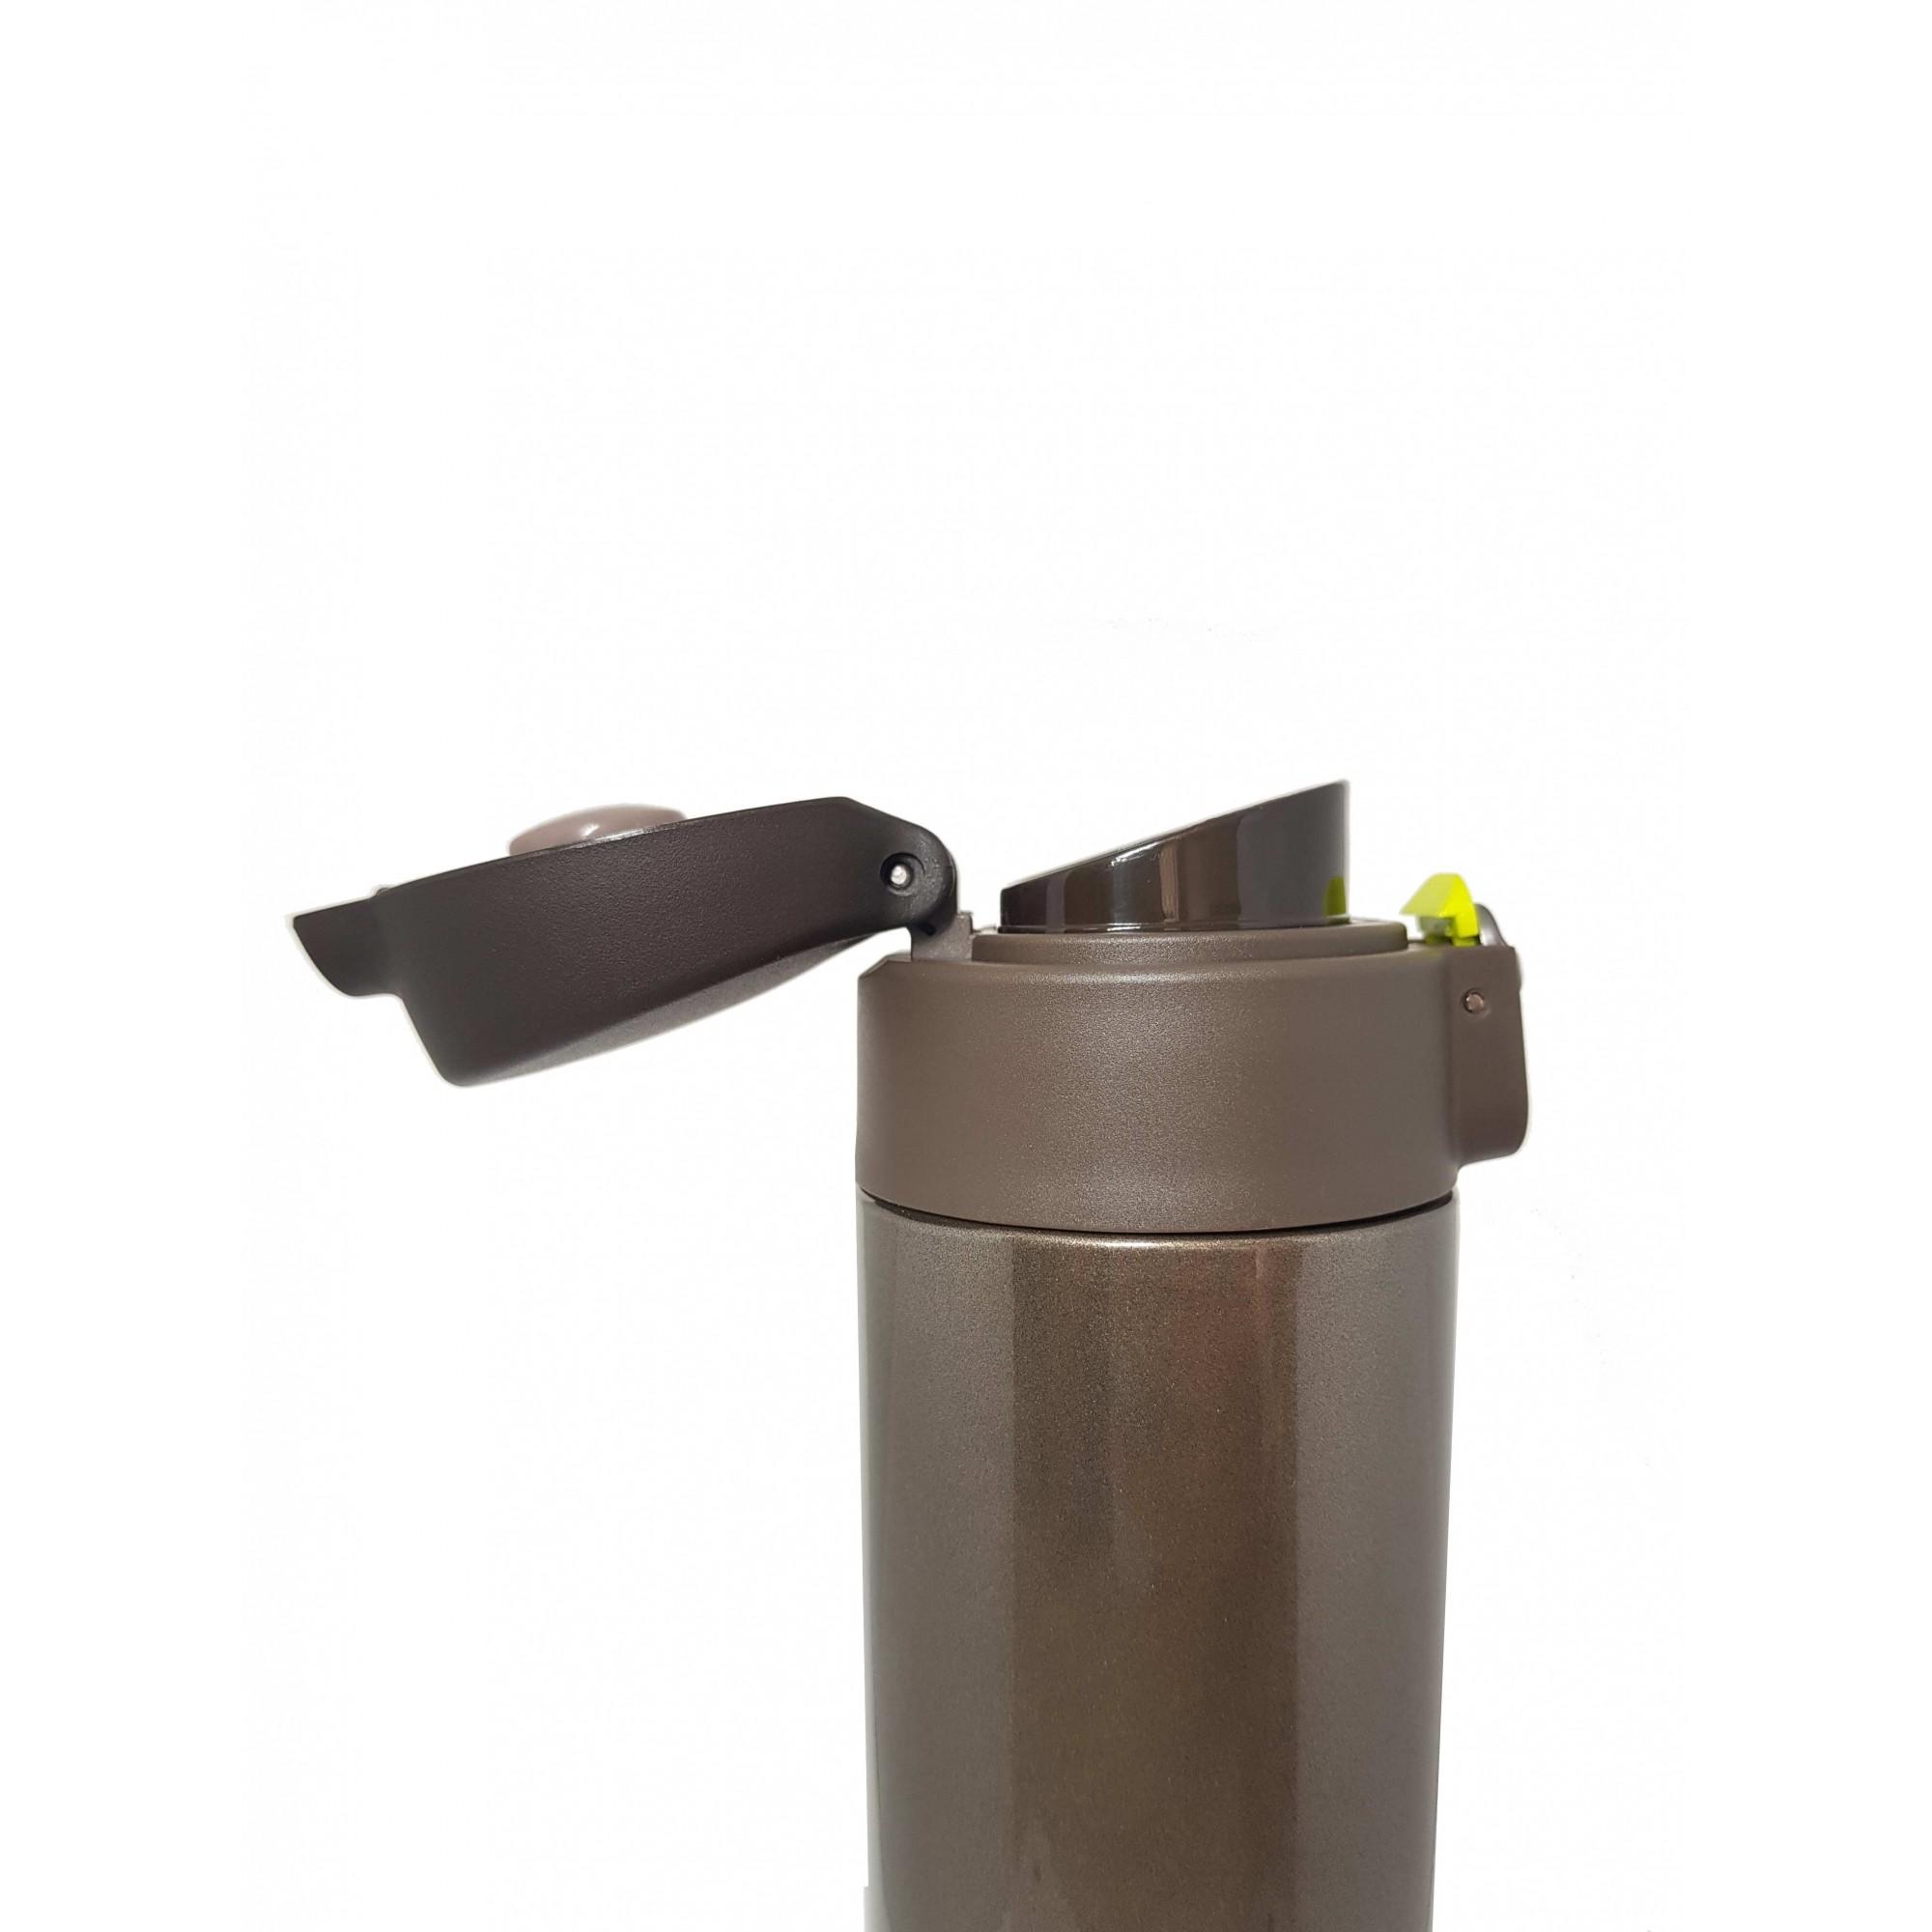 Kit Garrafa Térmica 500 ml Marrom + Canudo Chaveiro Preto